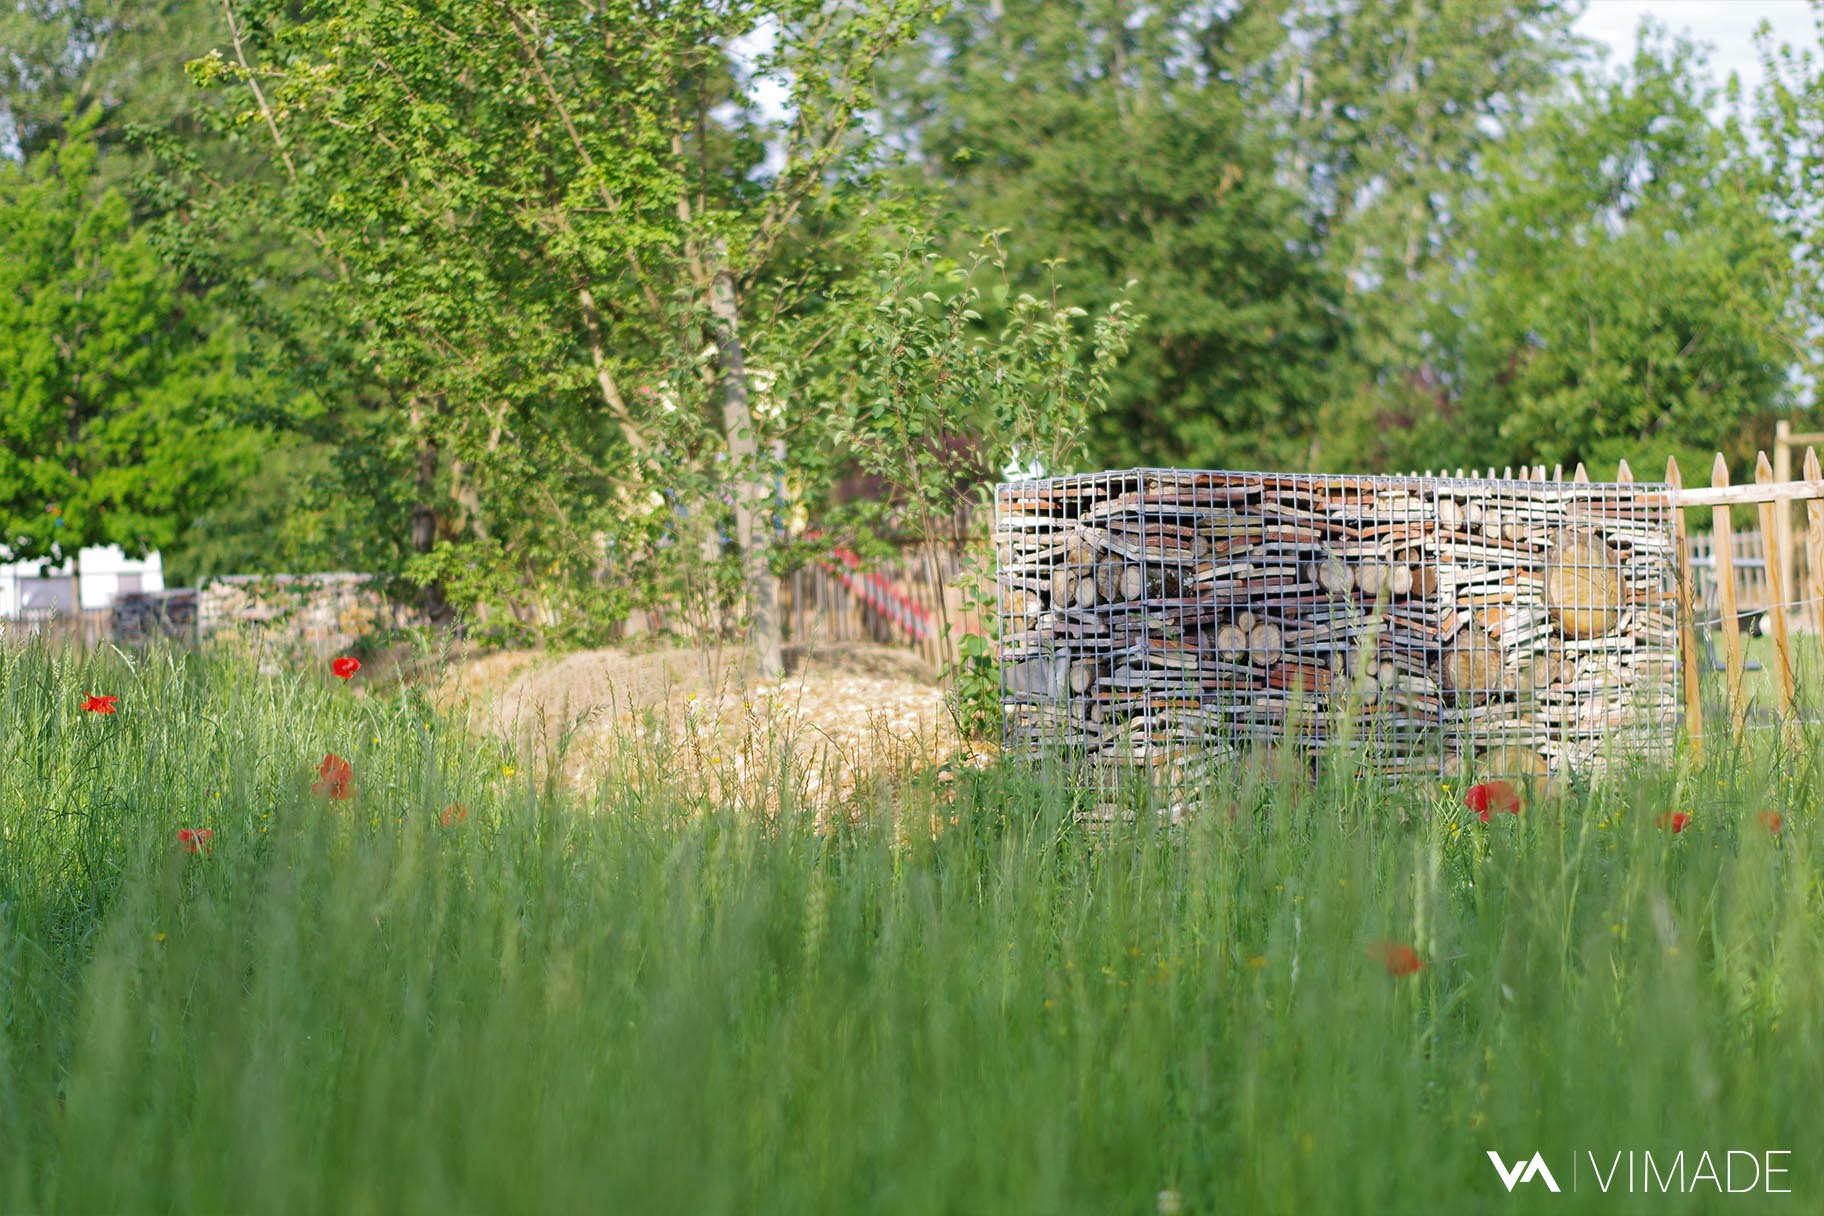 Projet de parc écologique au parc des Tuileries à Bellevue offrant prairies, hôtels à insectes, végétation indigène et espaces d'agrément, VIMADE Architectes paysagistes Genève.